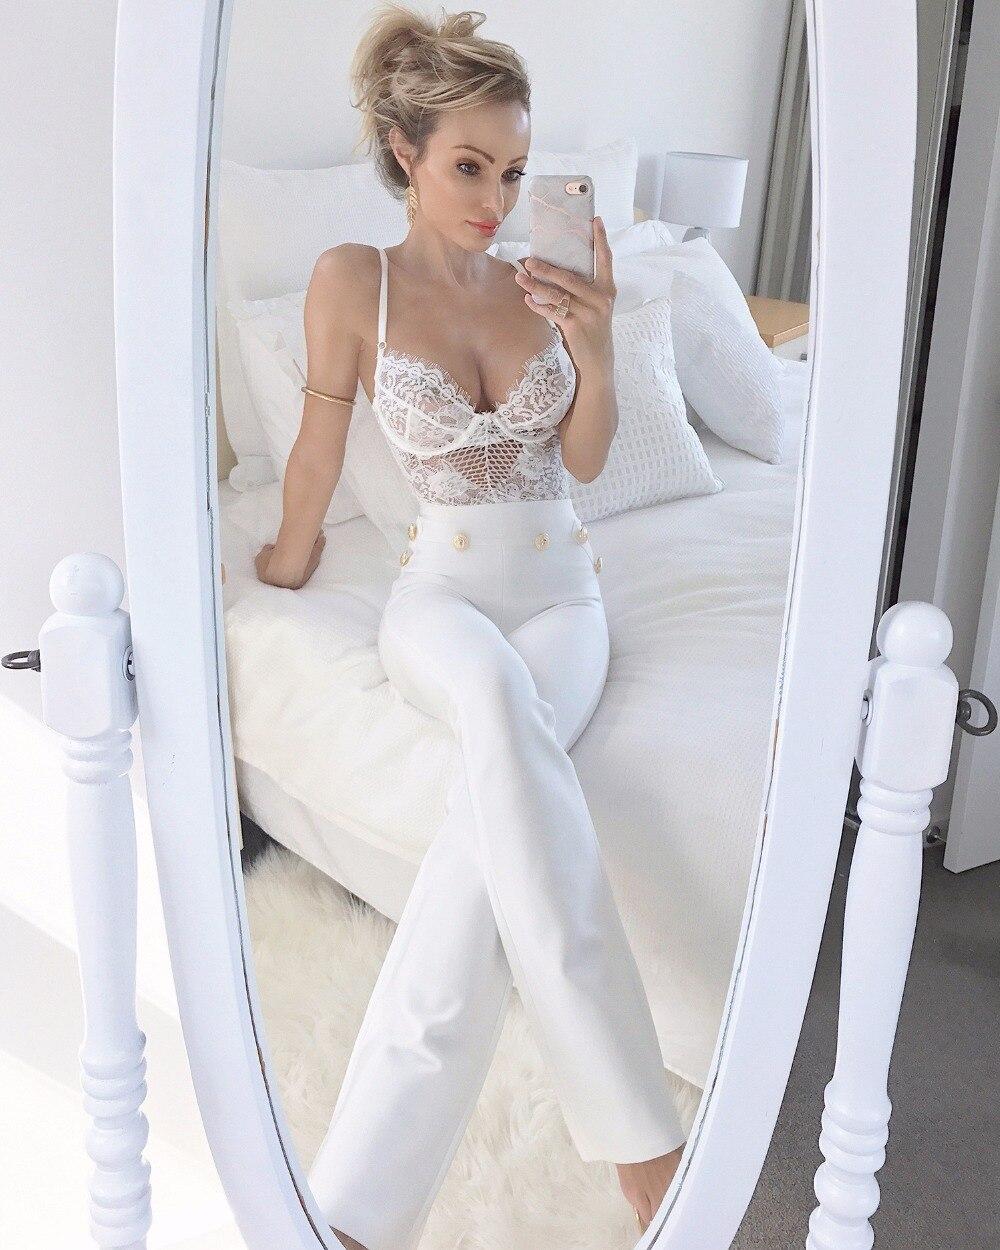 Spring Party Porter Nouveau Blanc Empire Maigre Célébrité Pantalon Taille Long Bouton Haute Bandage Élégant 2019 Flare Piste dfSqwFxd5